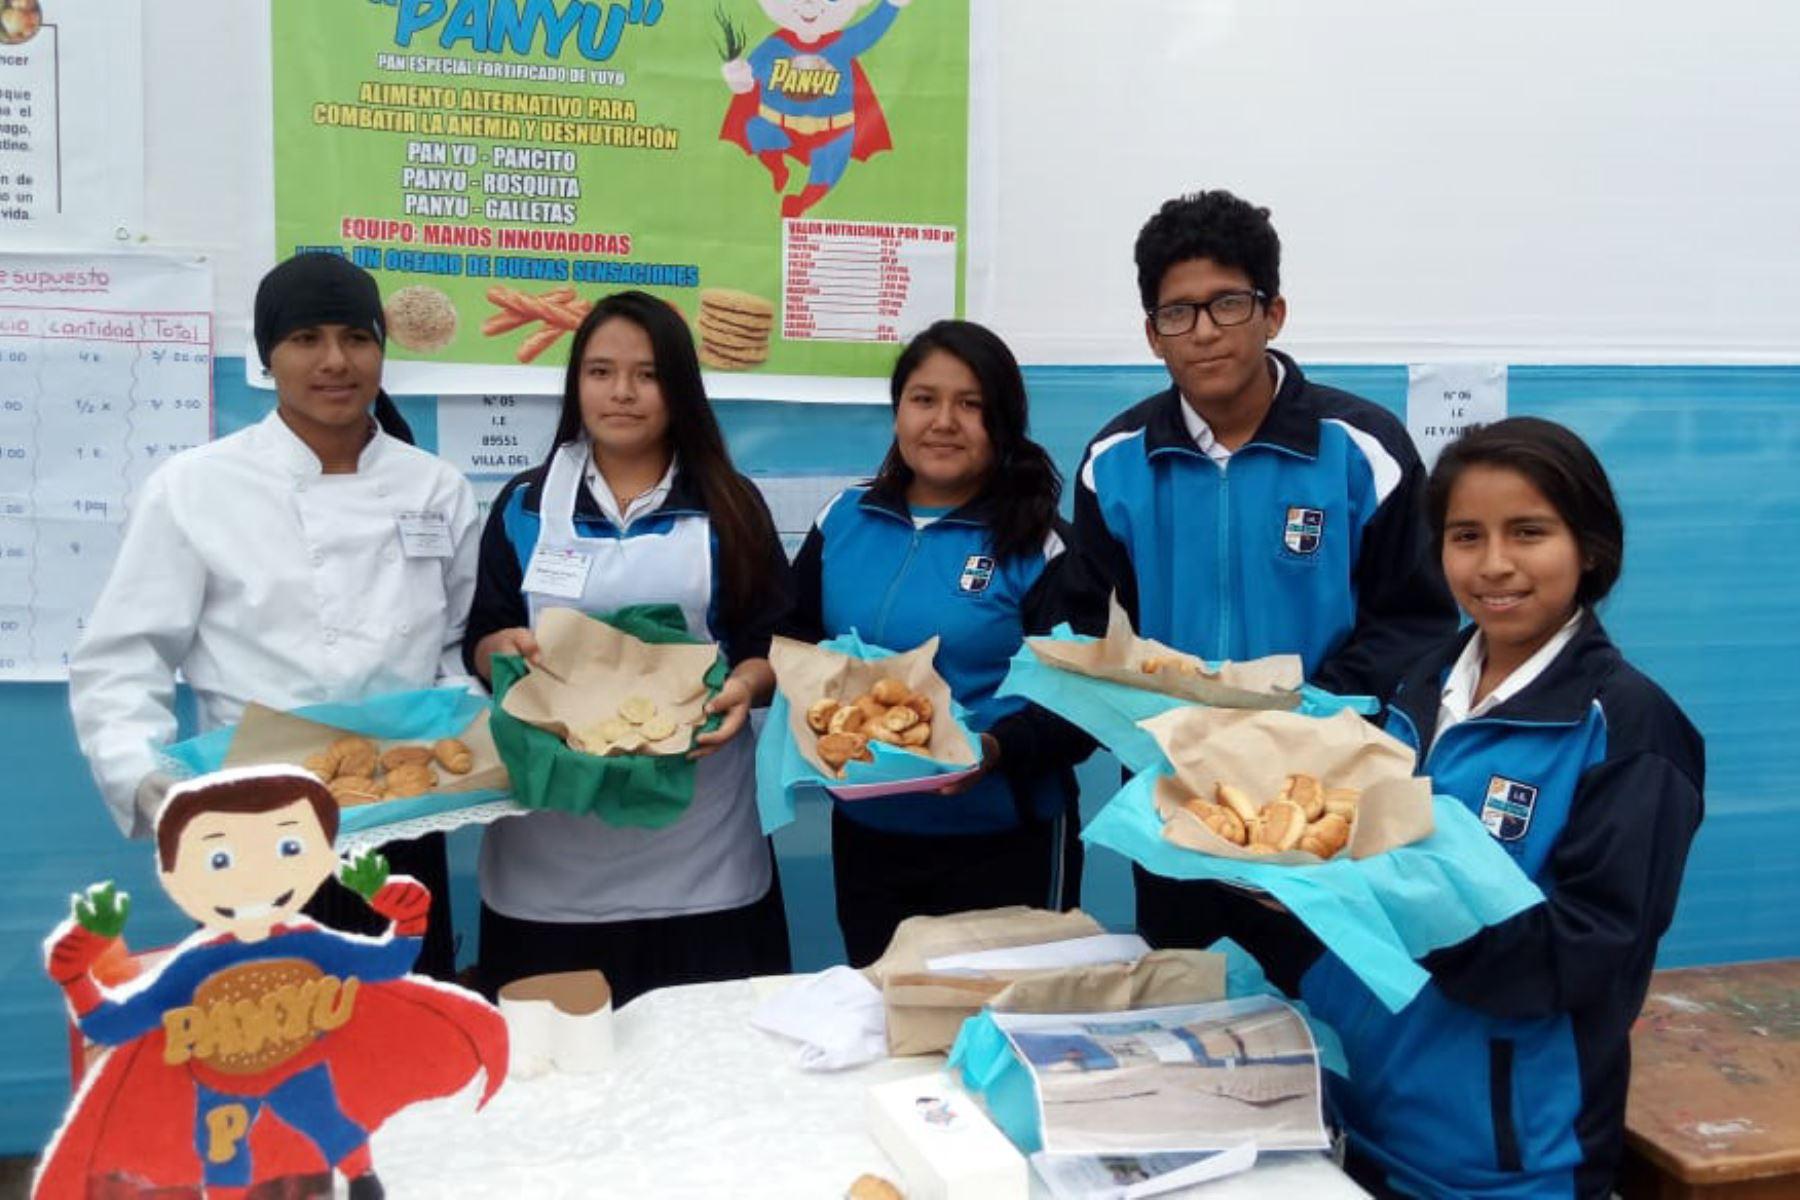 """Escolares de Nuevo Chimbote (Áncash) crearon el """"panyu"""", pan elaborado con yuyo, para combatir la anemia y desnustrición infantil. Foto: ANDINA/Gonalo Horna"""